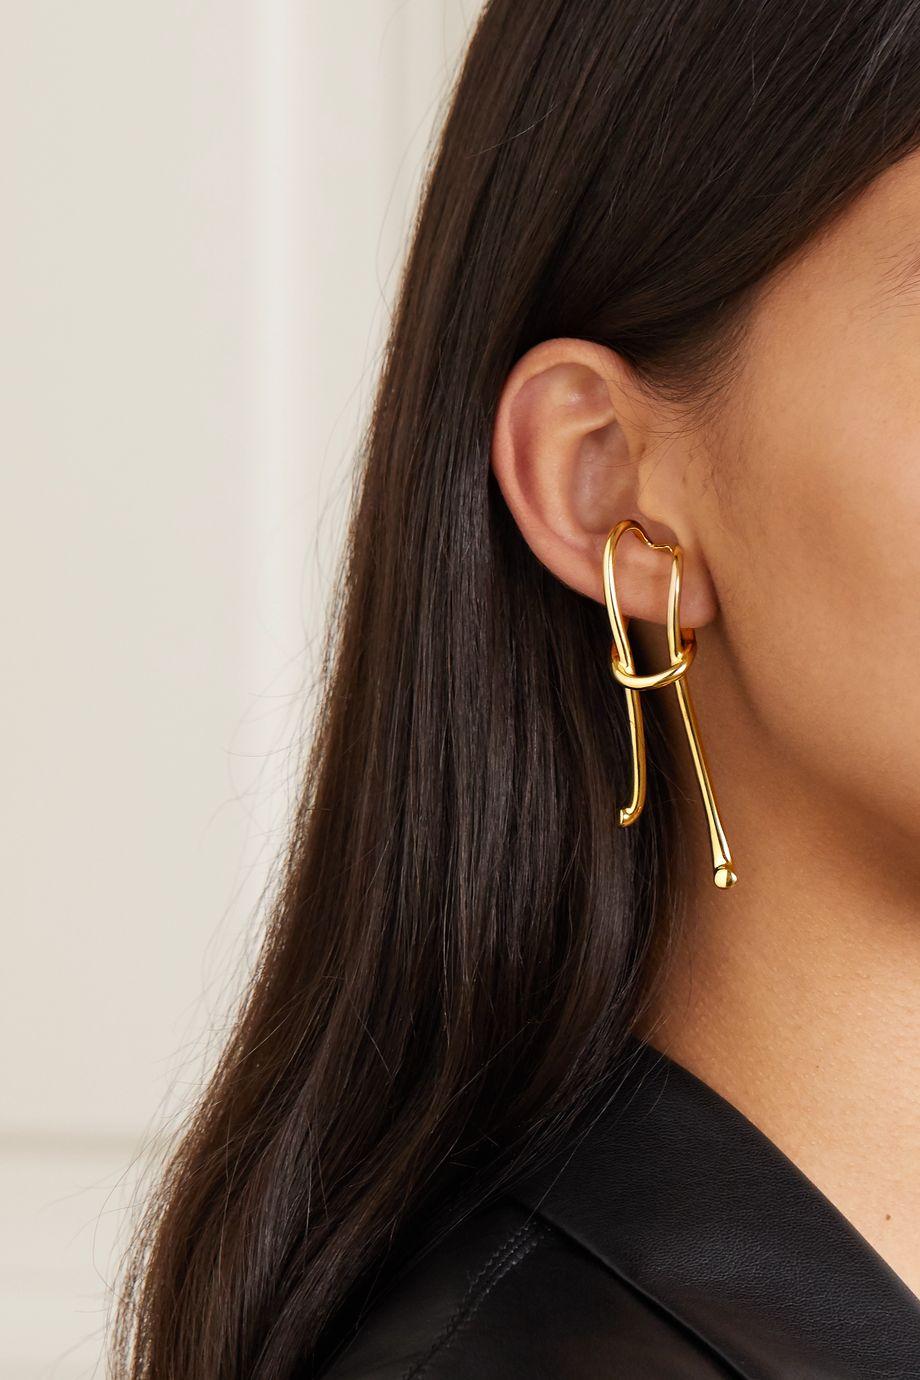 Anne Manns Pari gold-plated ear cuff